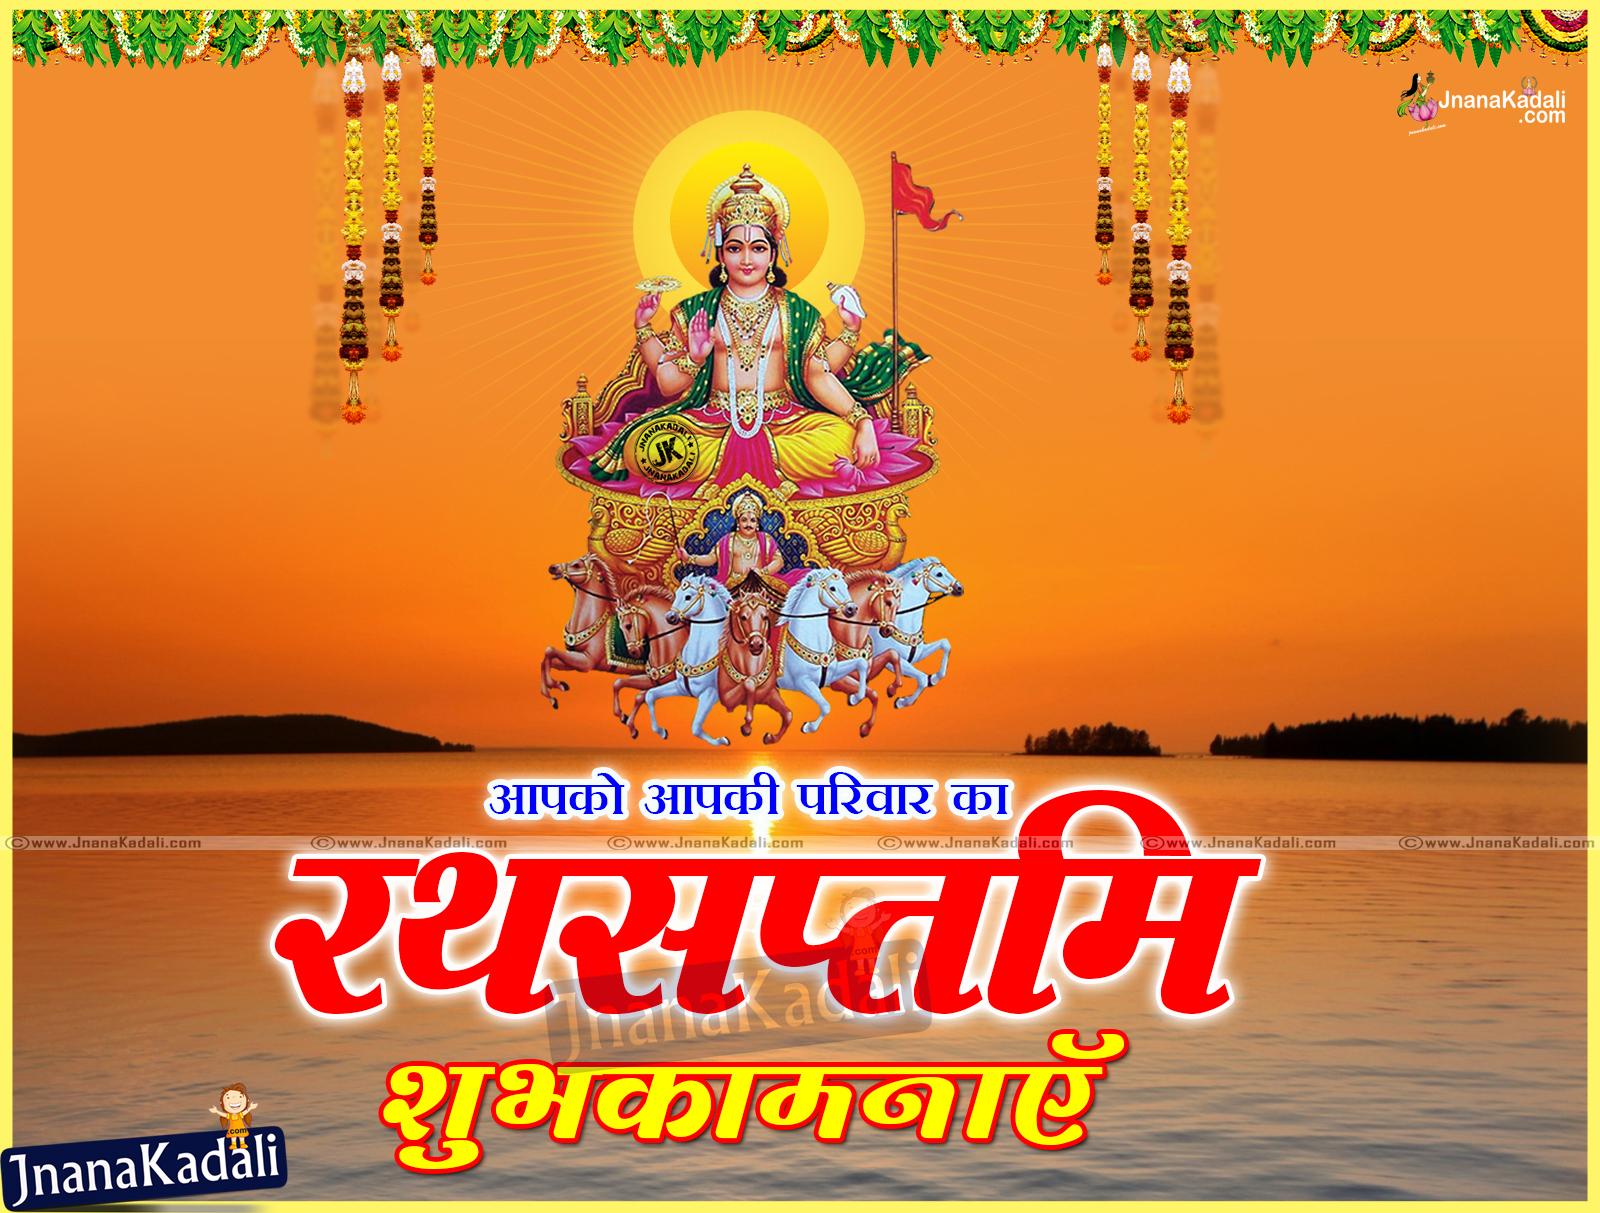 Happy Ratha Saptami Hindi Greetings For Friends Jnana Kadali